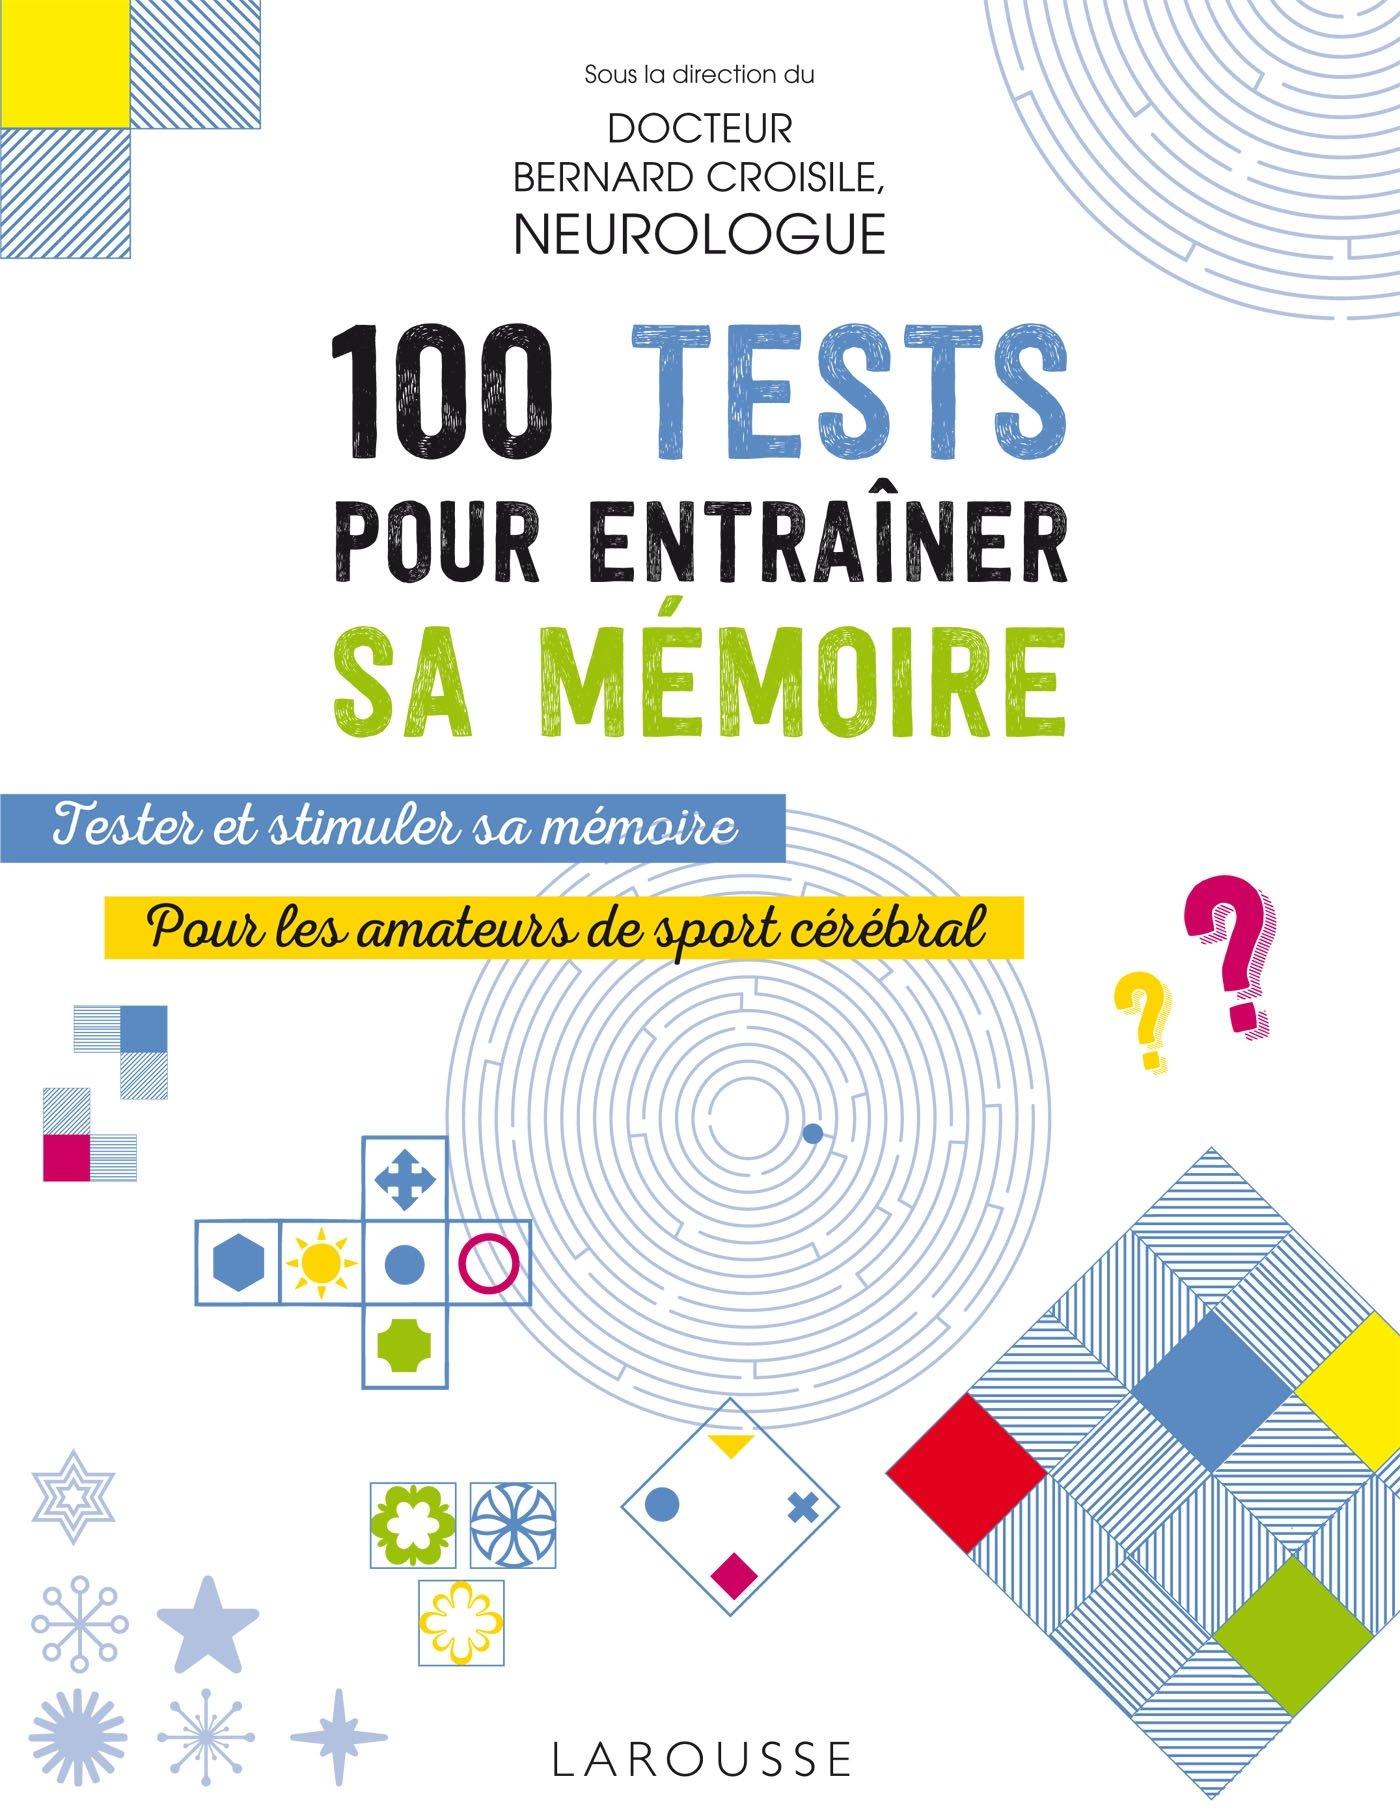 100 tests pour entraîner sa mémoire: Amazon.fr: Docteur Bernard Croisile:  Livres